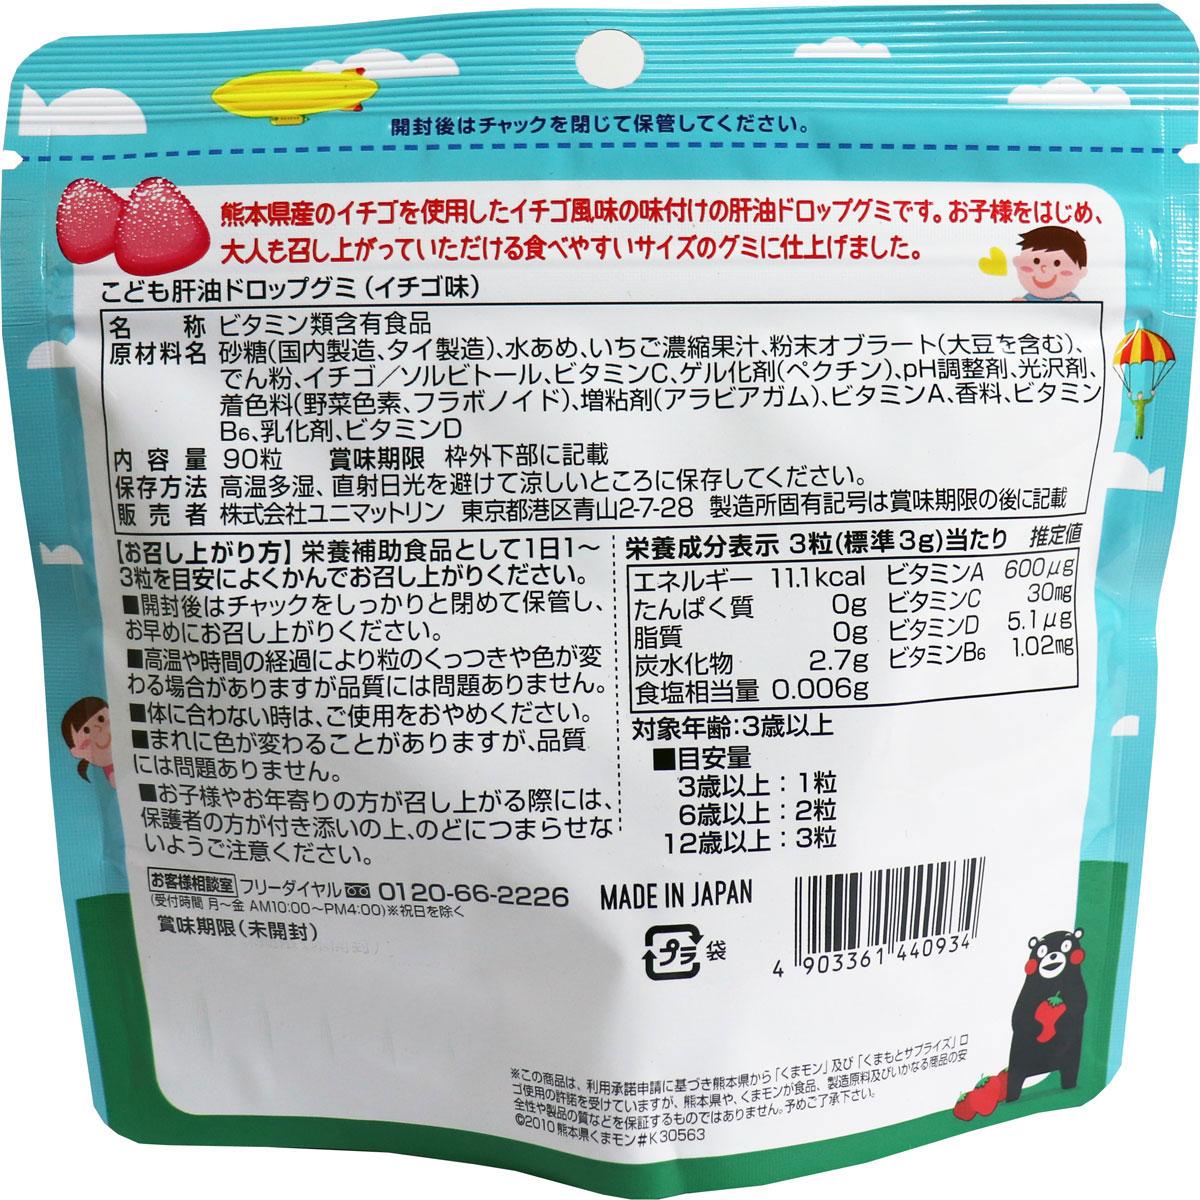 ドロップ 味 肝油